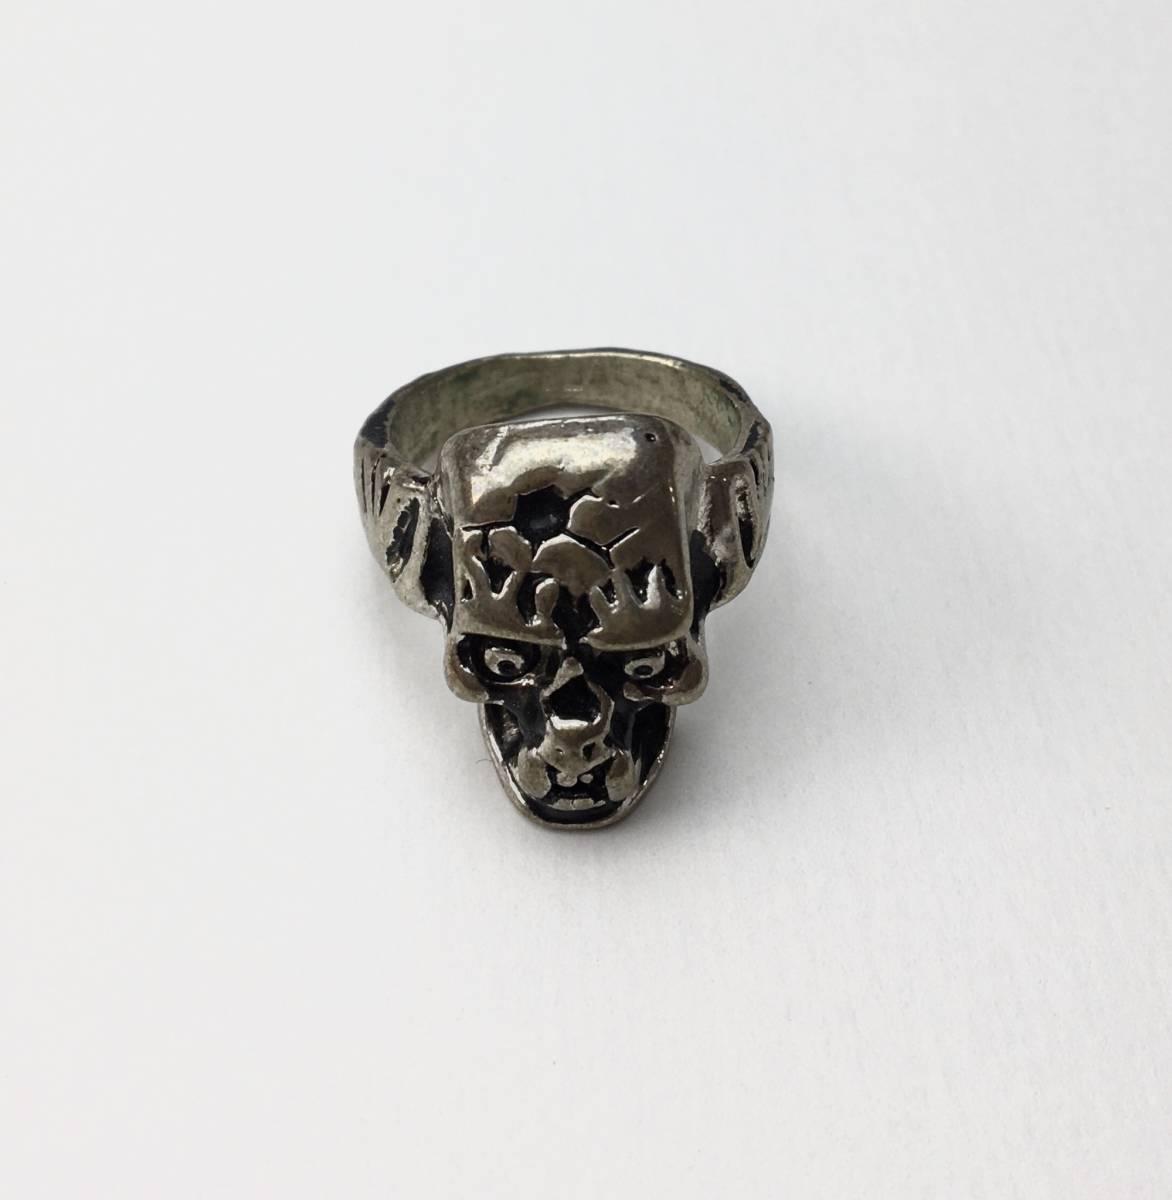 スカル リング 指輪 髑髏 ドクロ 骸骨 ガイコツ SKULL シルバーアクセサリー アンティーク アメリカ USA 雑貨 ヴィンテージ vintage 2_画像1